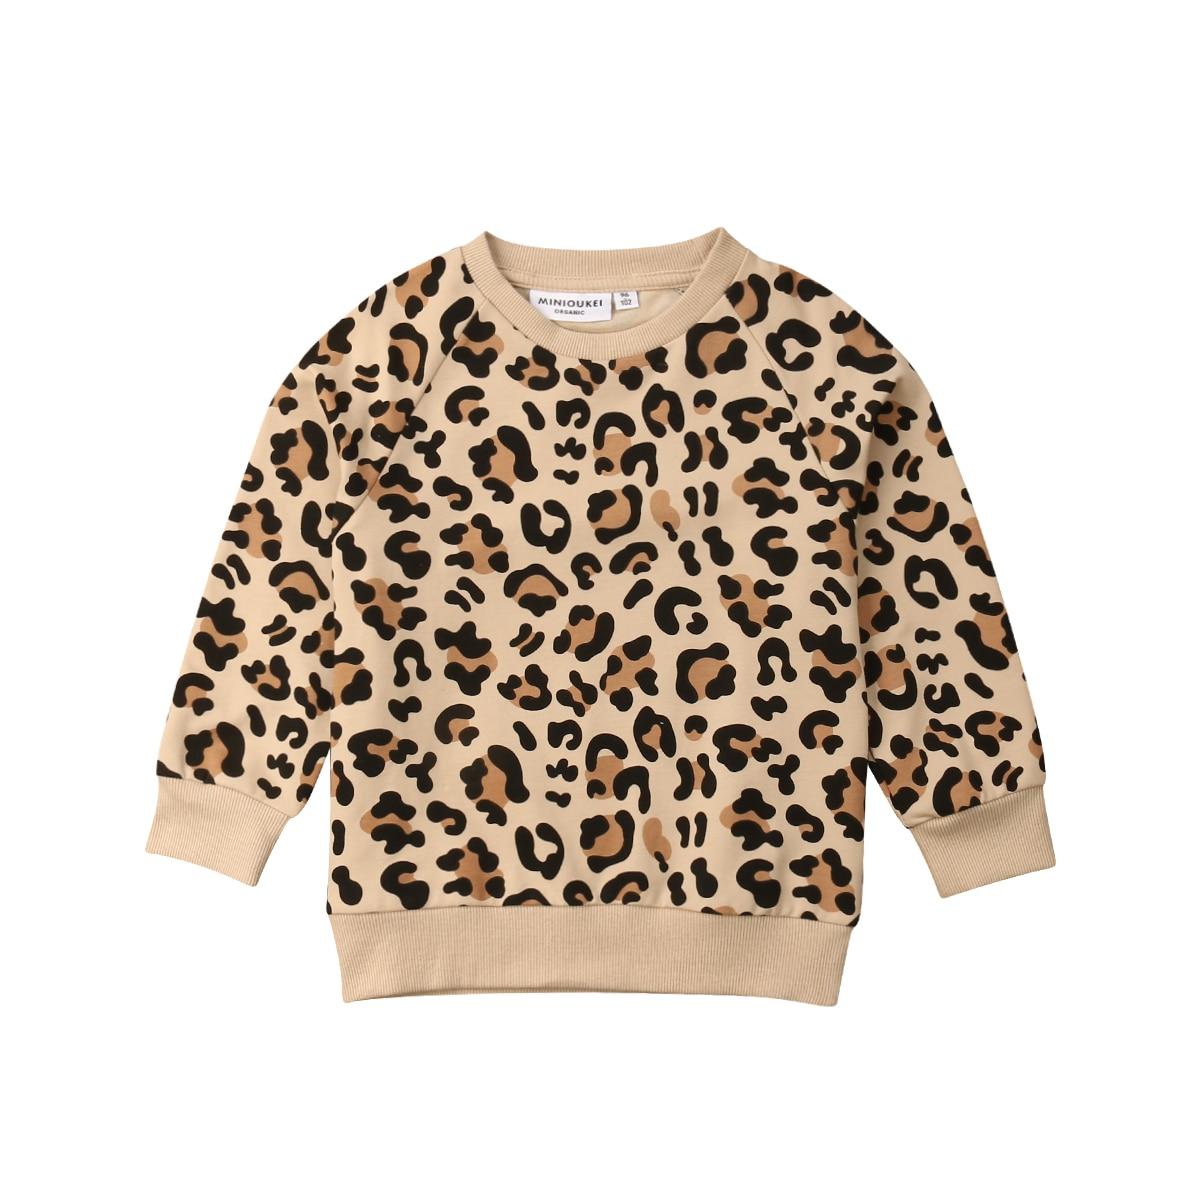 T-Shirt Long-Sleeve Leopard Autumn Print Baby-Girl-Boy Kids Cotton New